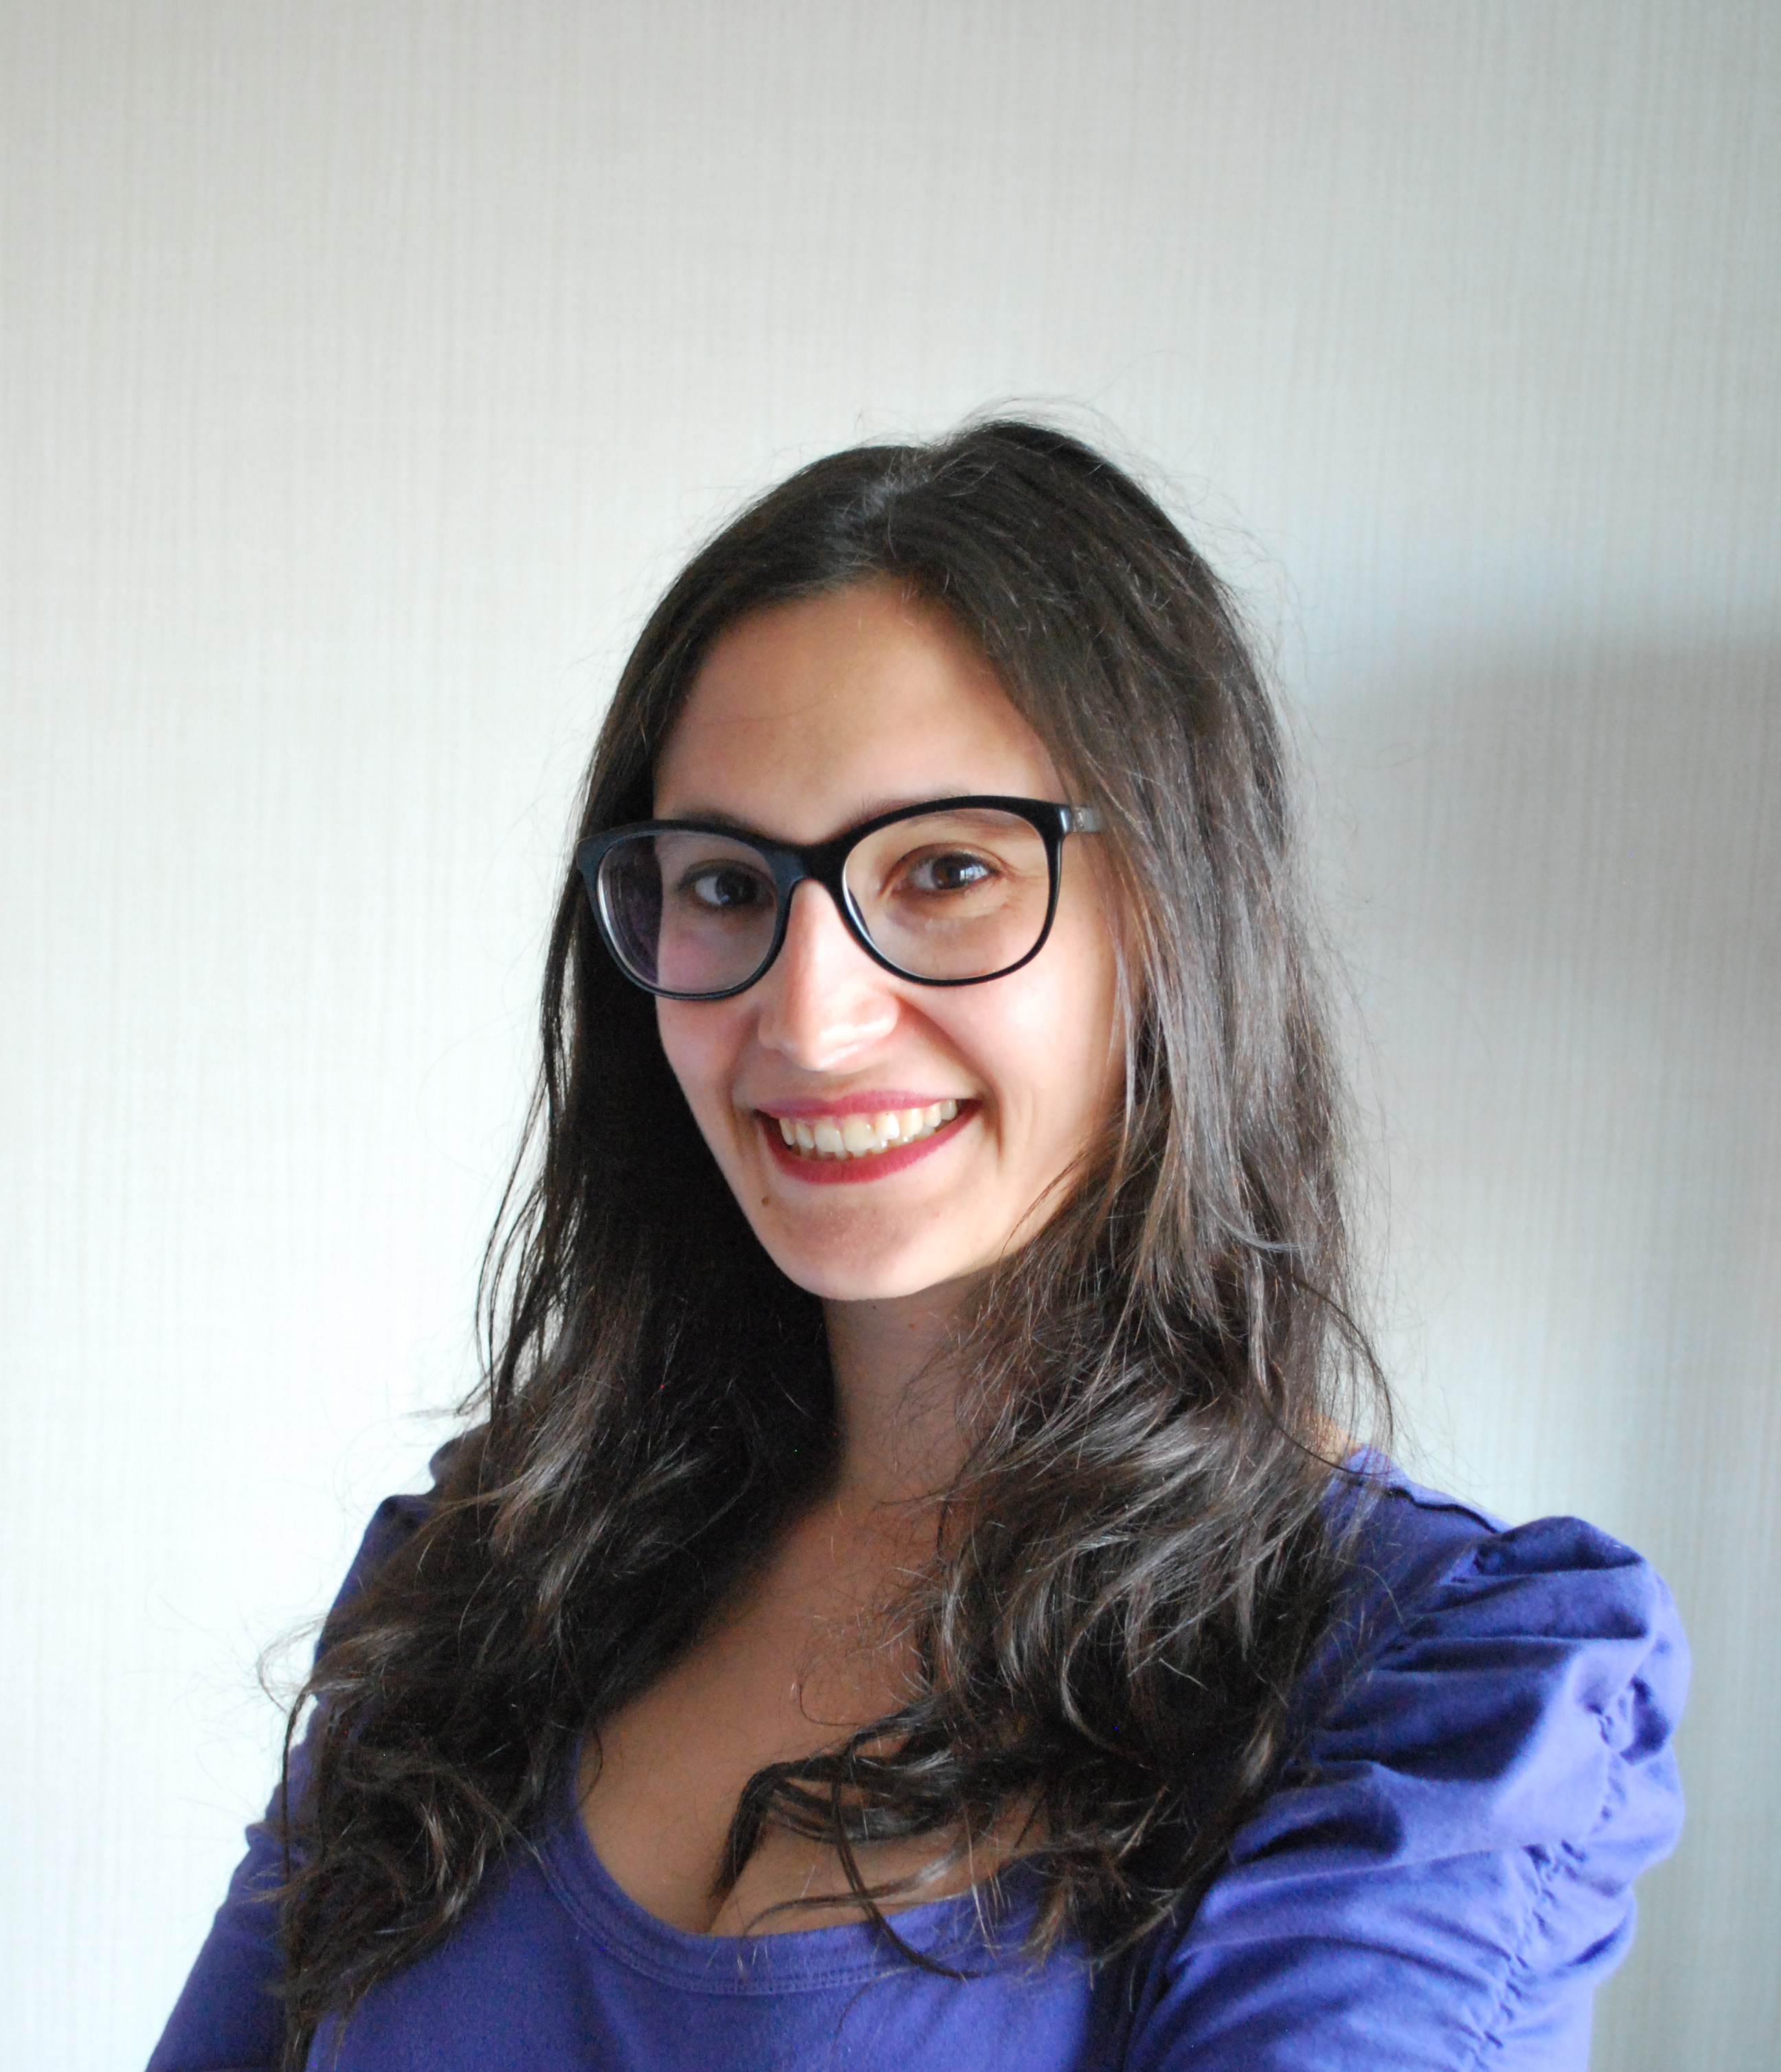 Tina Gruosso